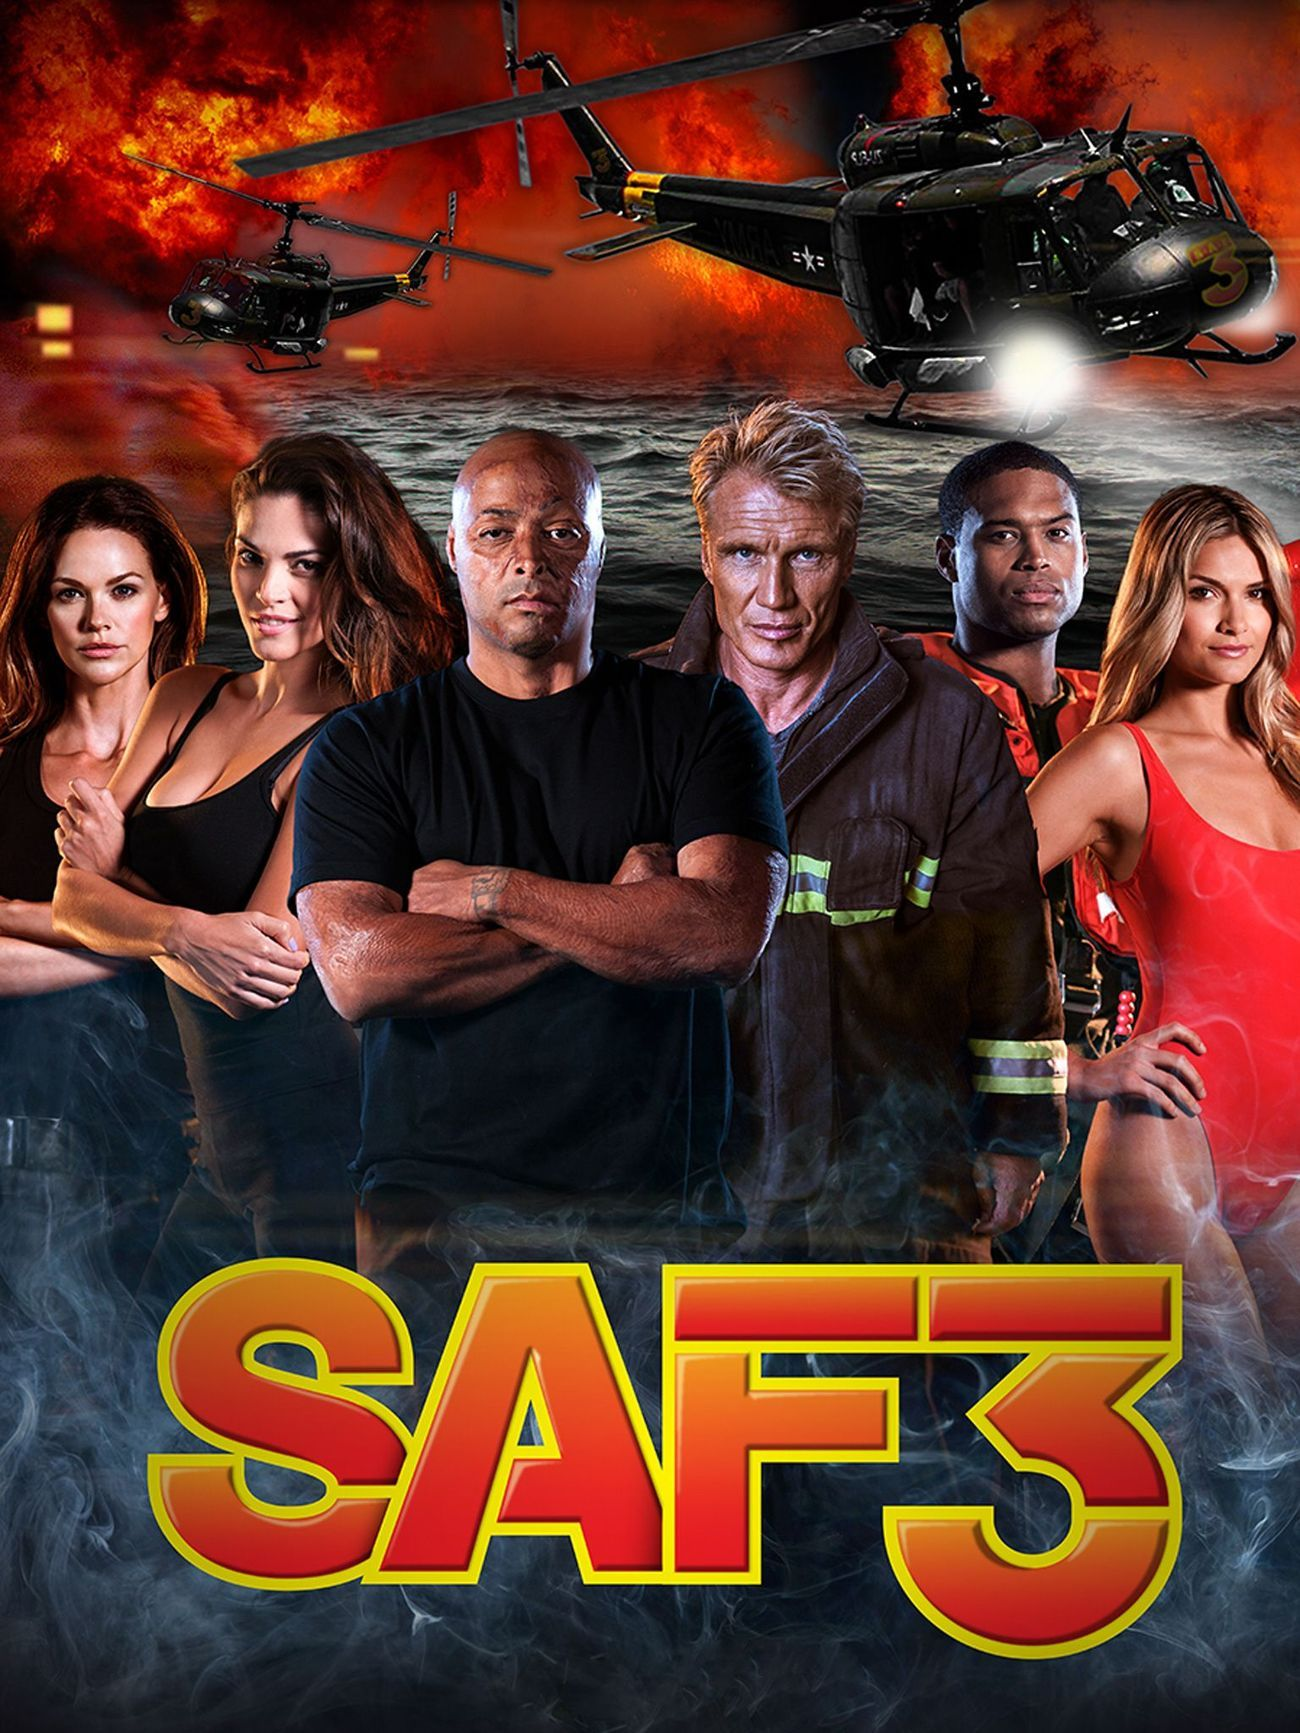 SAF3 image 1.jpg